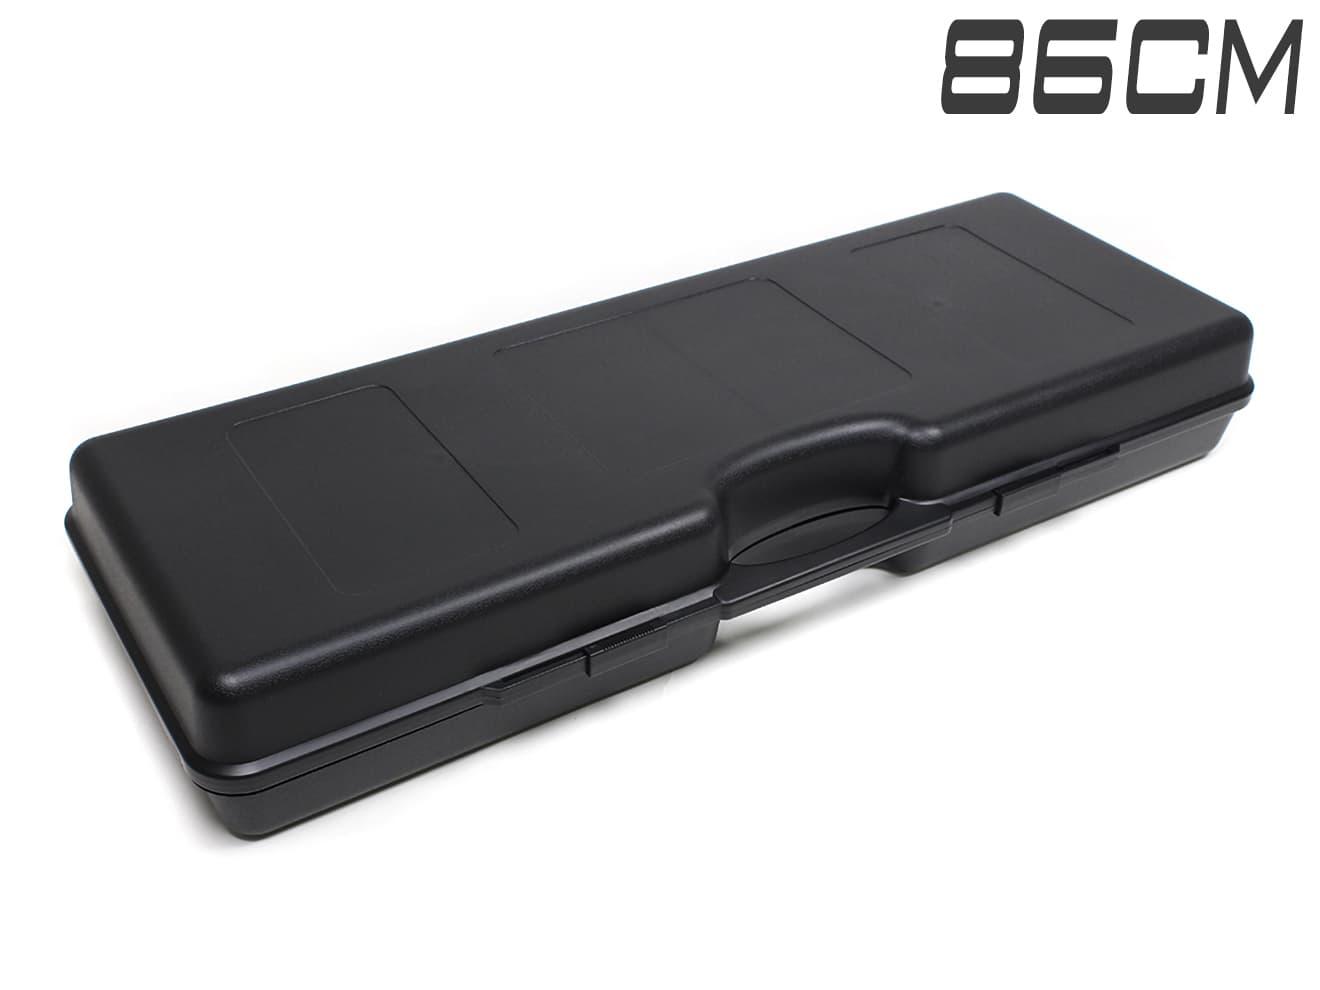 【軽量ハードケース】MILITARY-BASE(ミリタリーベース)ABS ライフル キャリングハードガンケース ワイド 86cm BK◆内部に波型スポンジ搭載/大切なガンの運搬に!